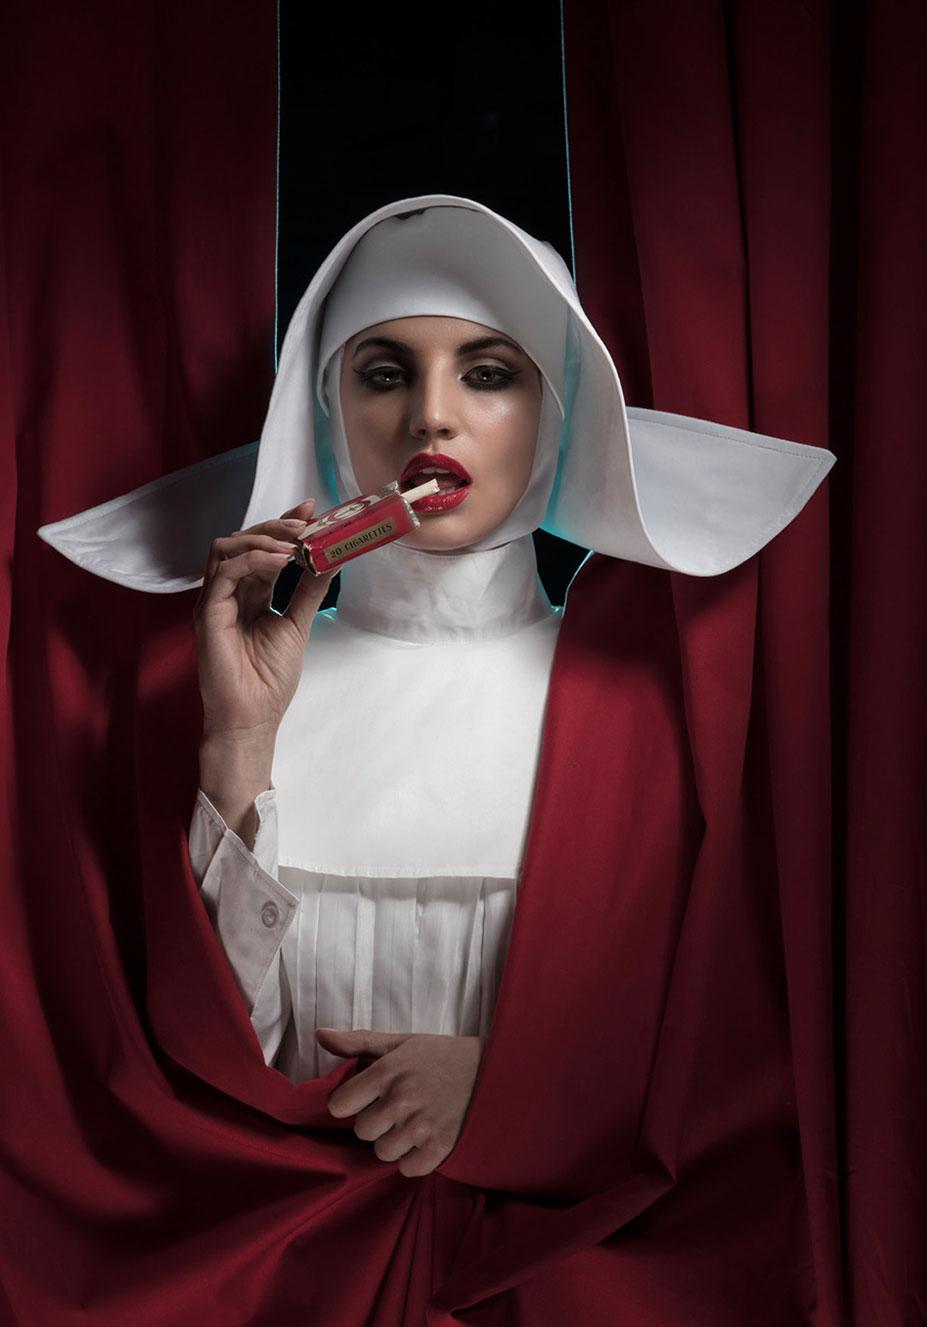 Сексуальное преображение монашки / Викки Фурнари / фото 02